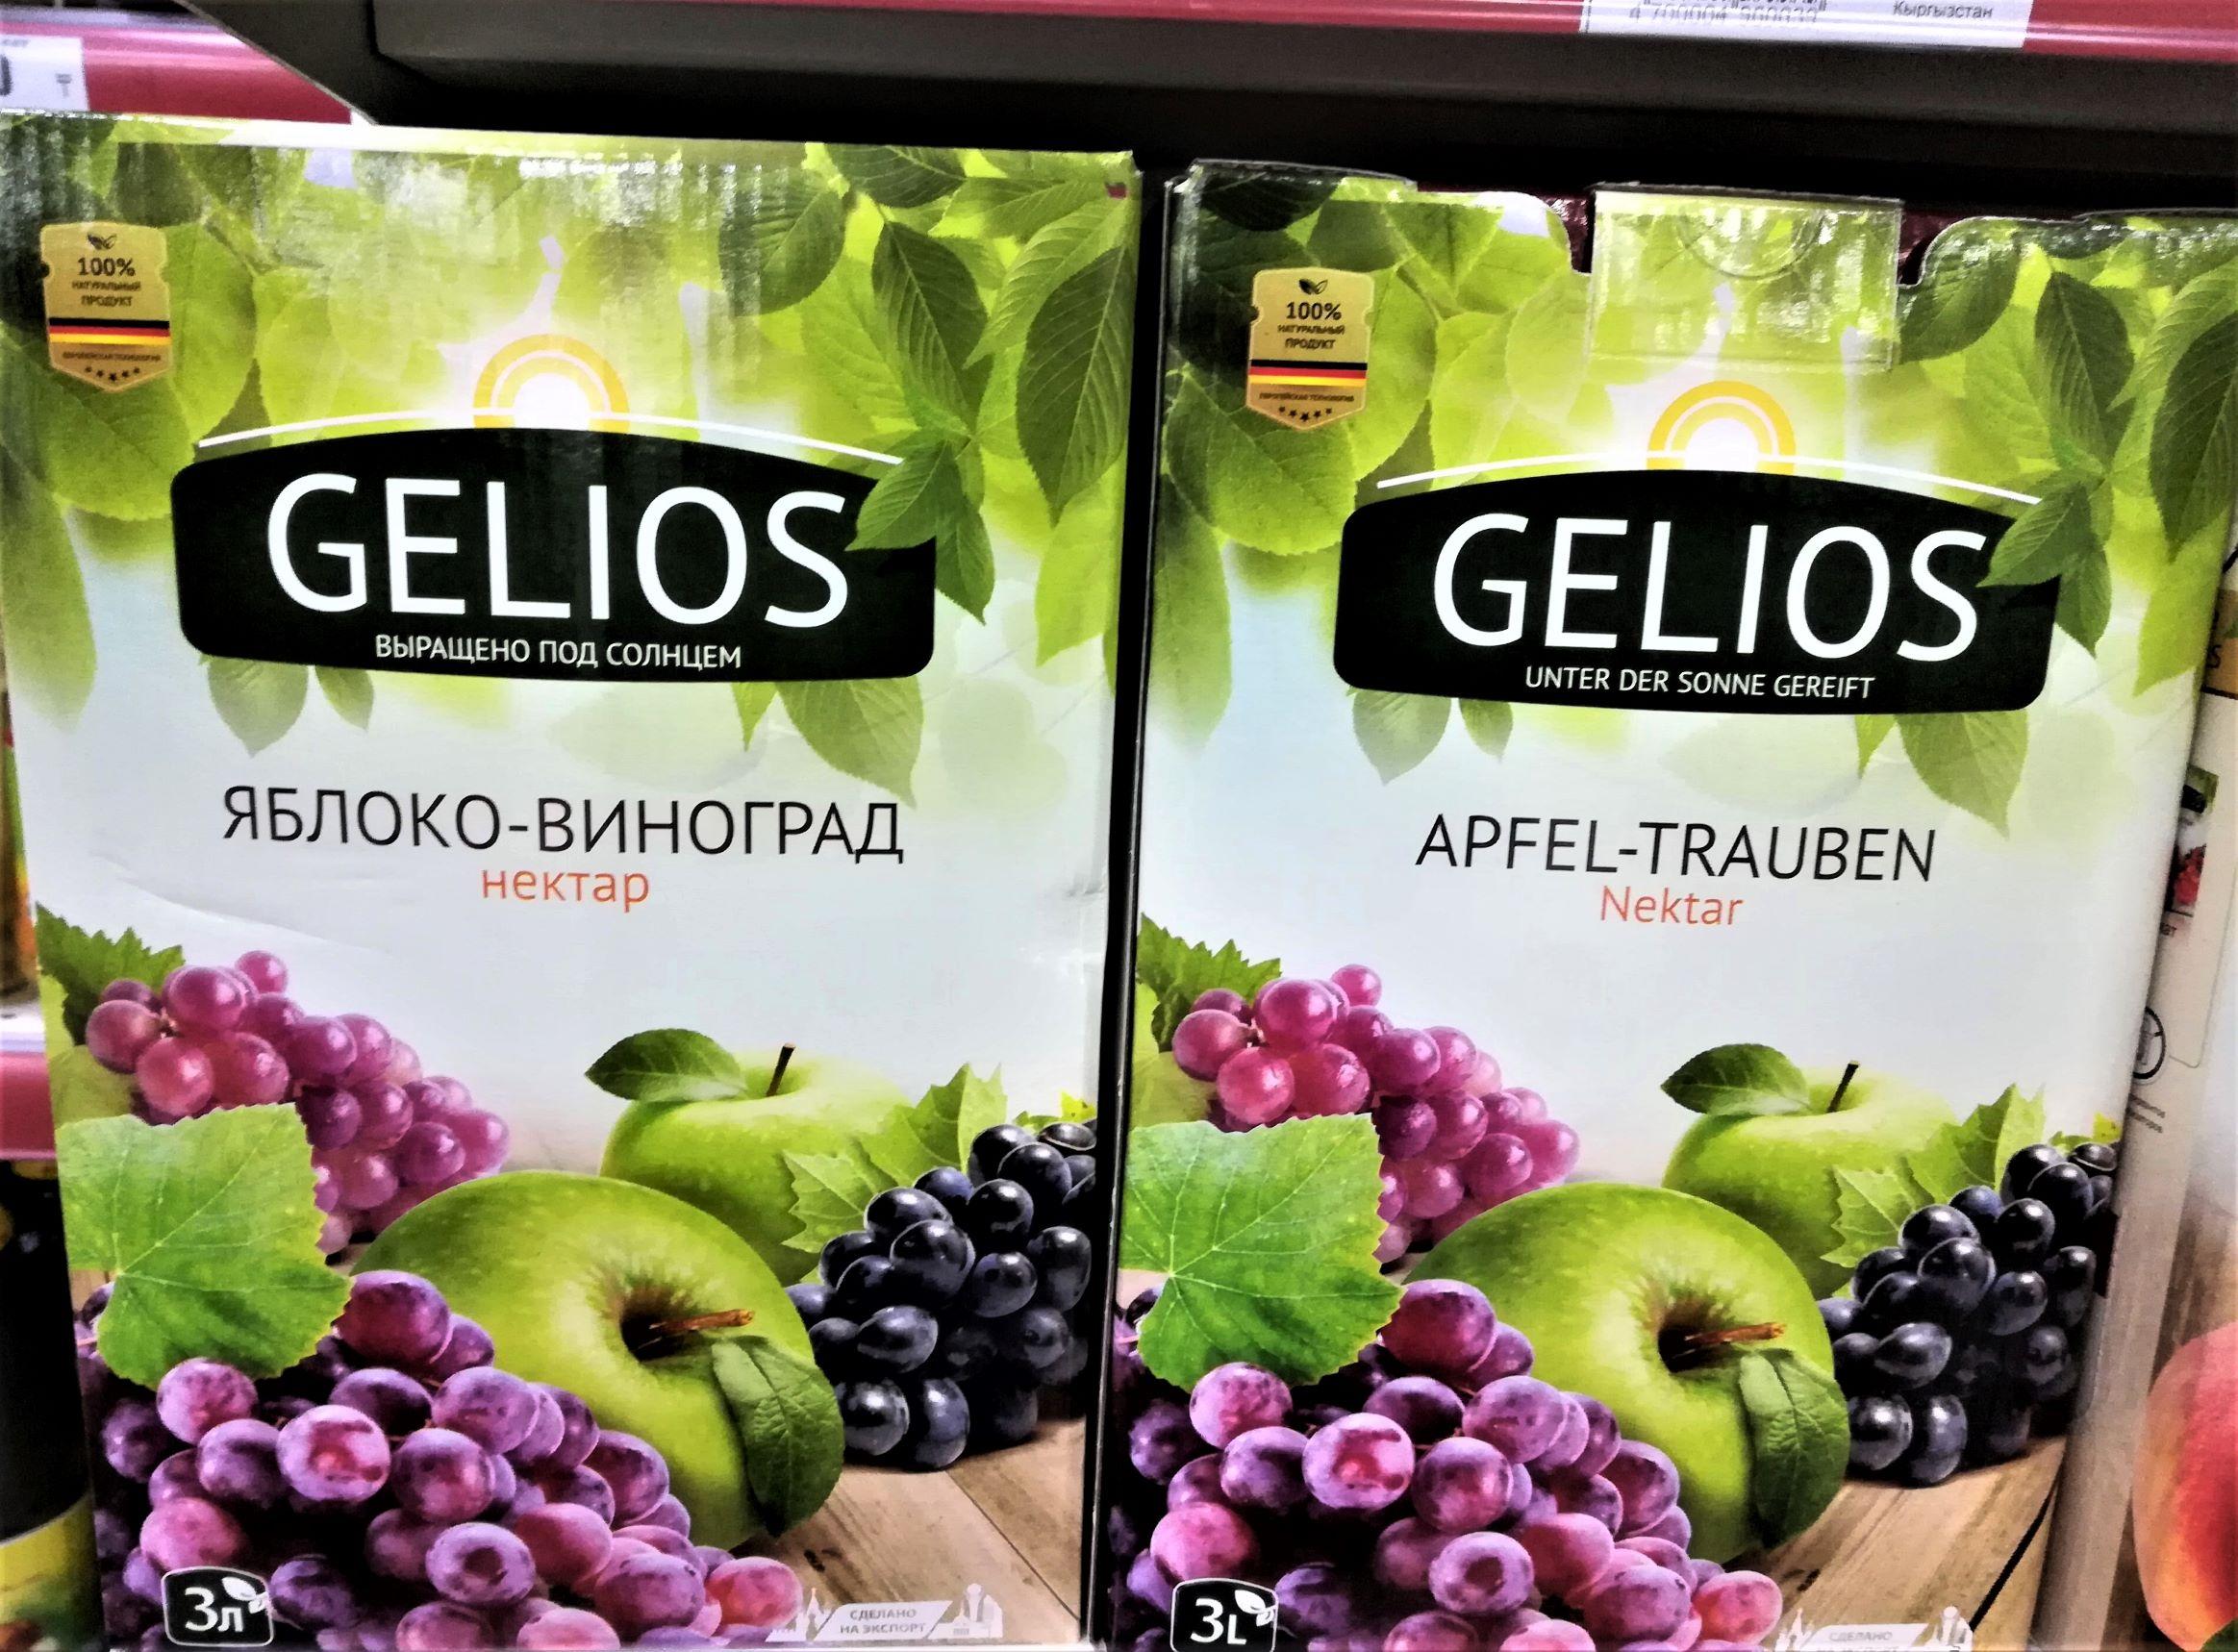 Deutscher Saft im kasachischen Supermarkt